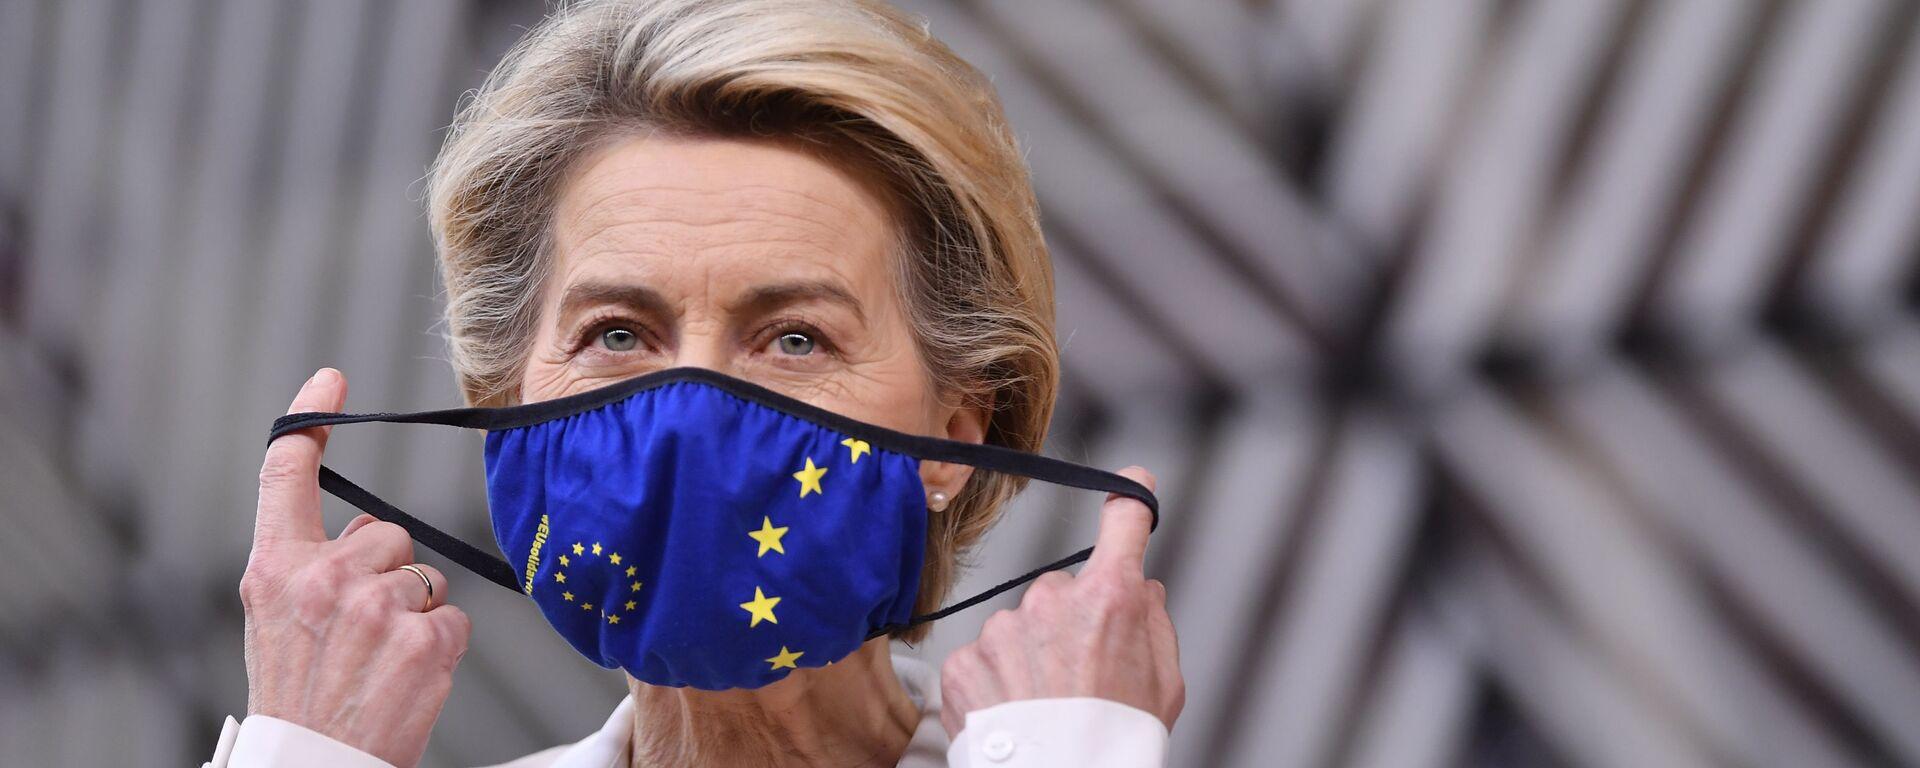 La presidenta de la Comisión Europea, Ursula von der Leyen - Sputnik Mundo, 1920, 26.03.2021